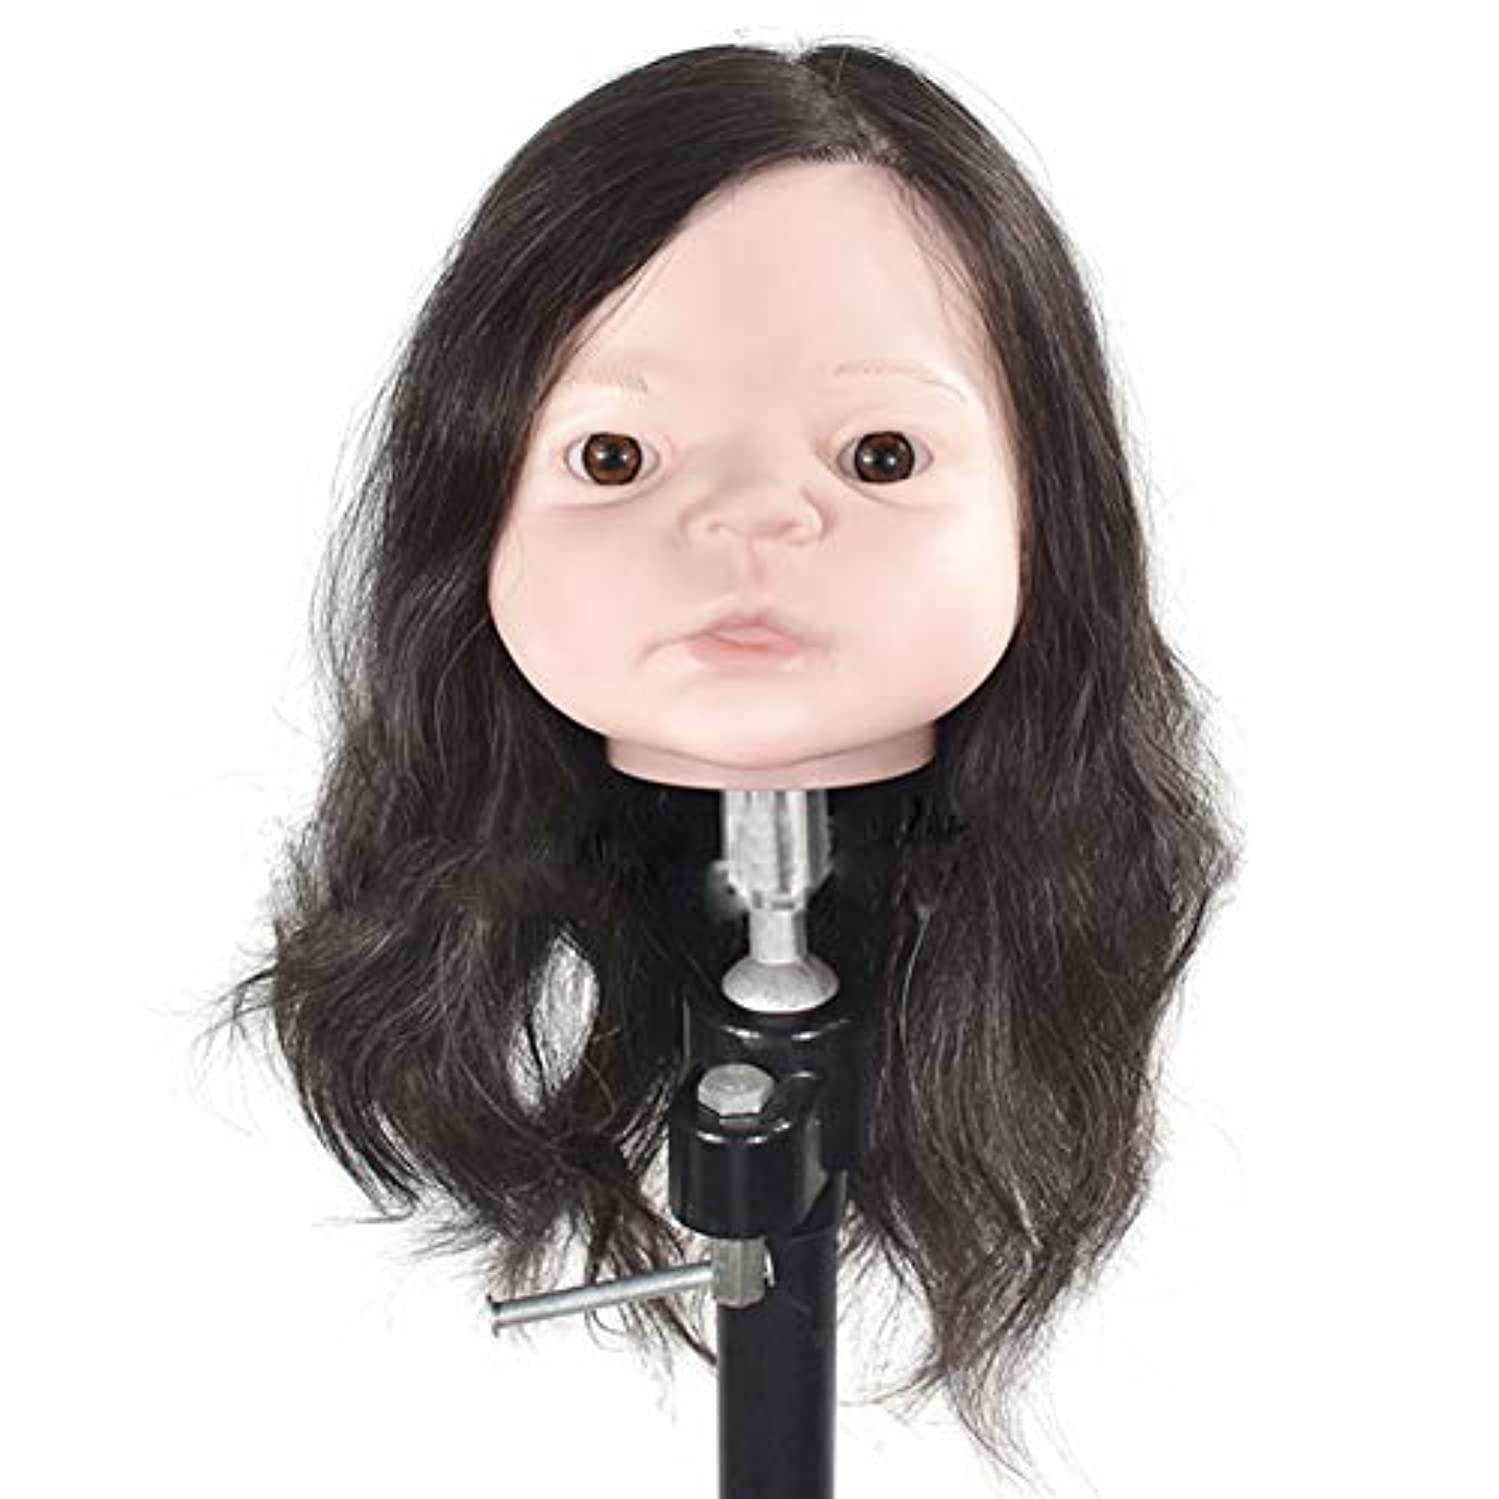 免除フィラデルフィア普遍的な専門の練習ホット染色漂白鋏モデリングマニアックヘッド編み髪のかつら模型人形ティーチングヘッド